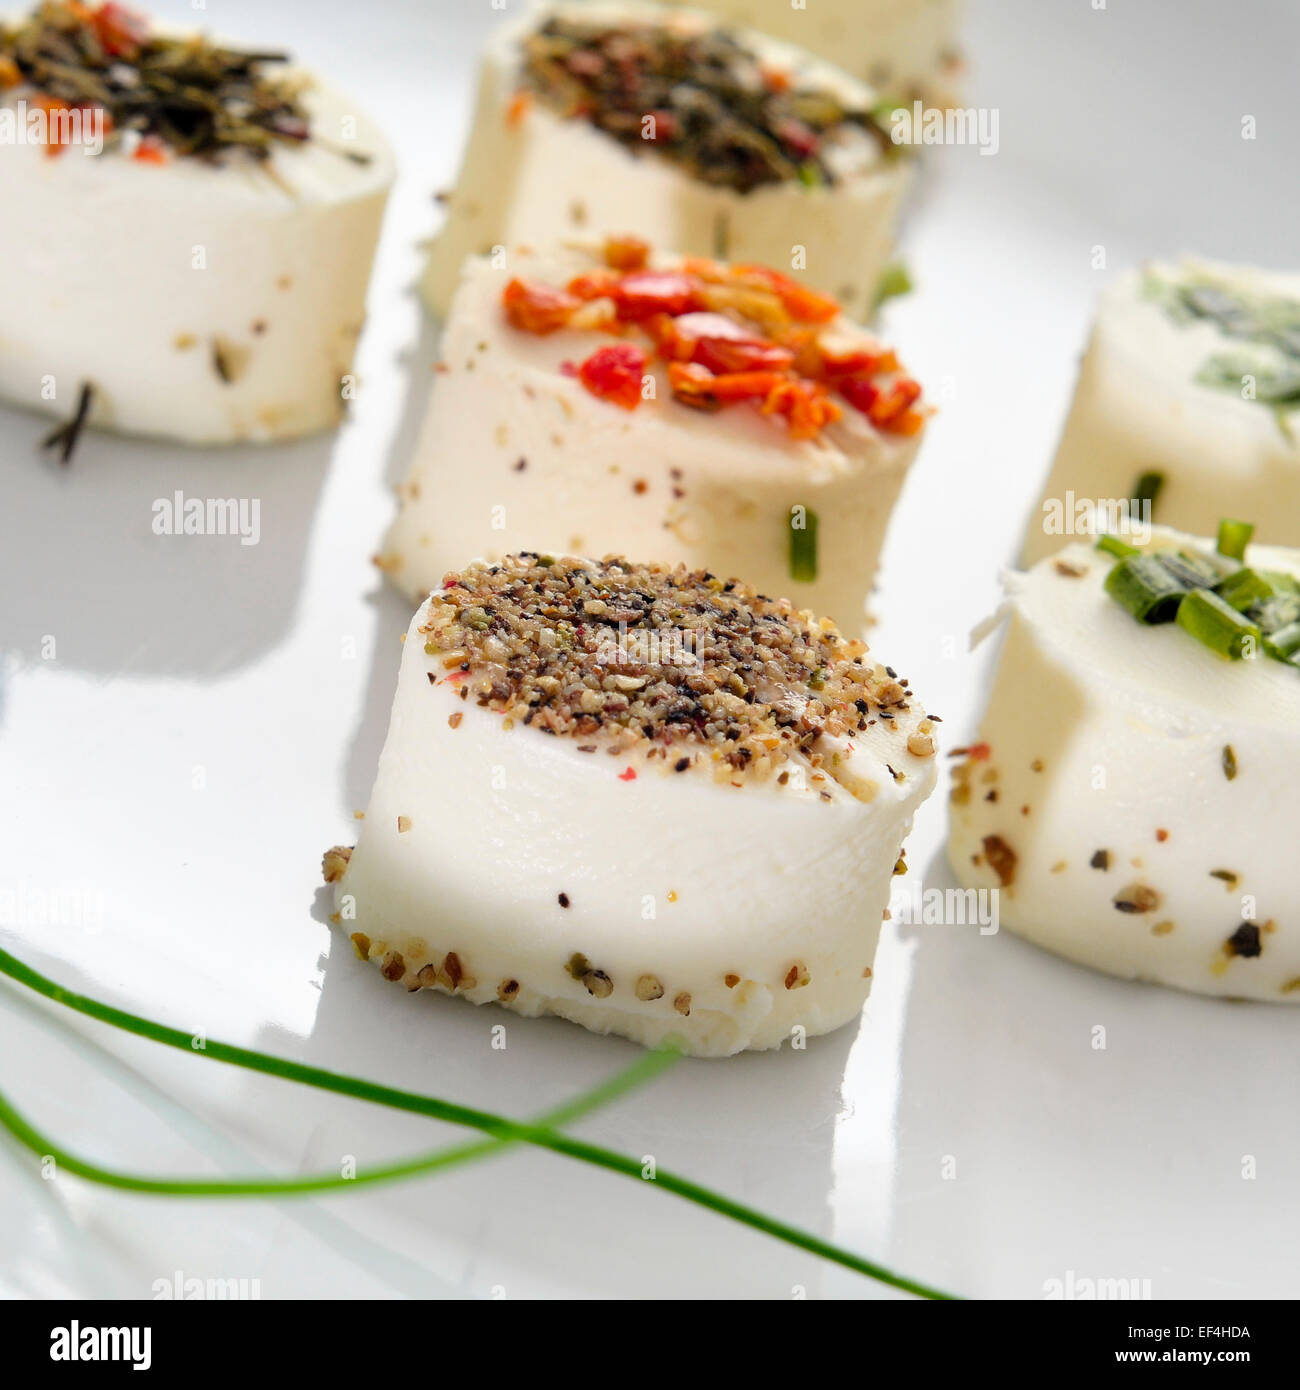 Una piastra con alcuni formaggi diversi crostini conditi con spezie varie Immagini Stock